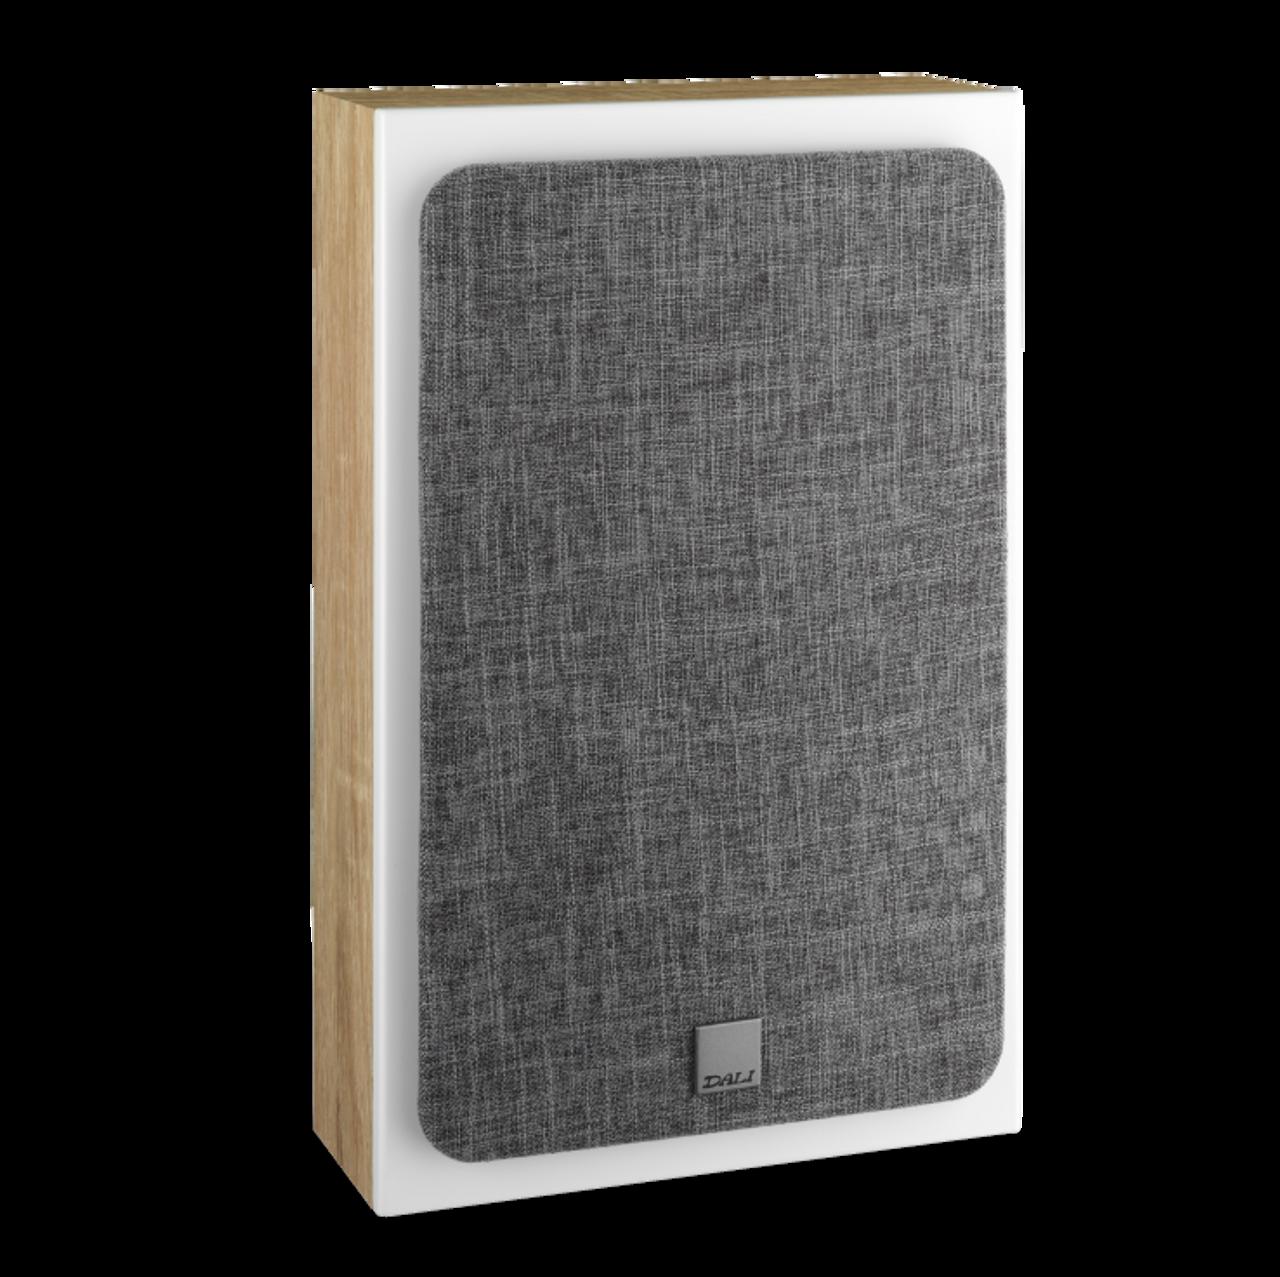 """Dali Oberon On-Wall 5.25"""" Slim Speaker (Pair)"""